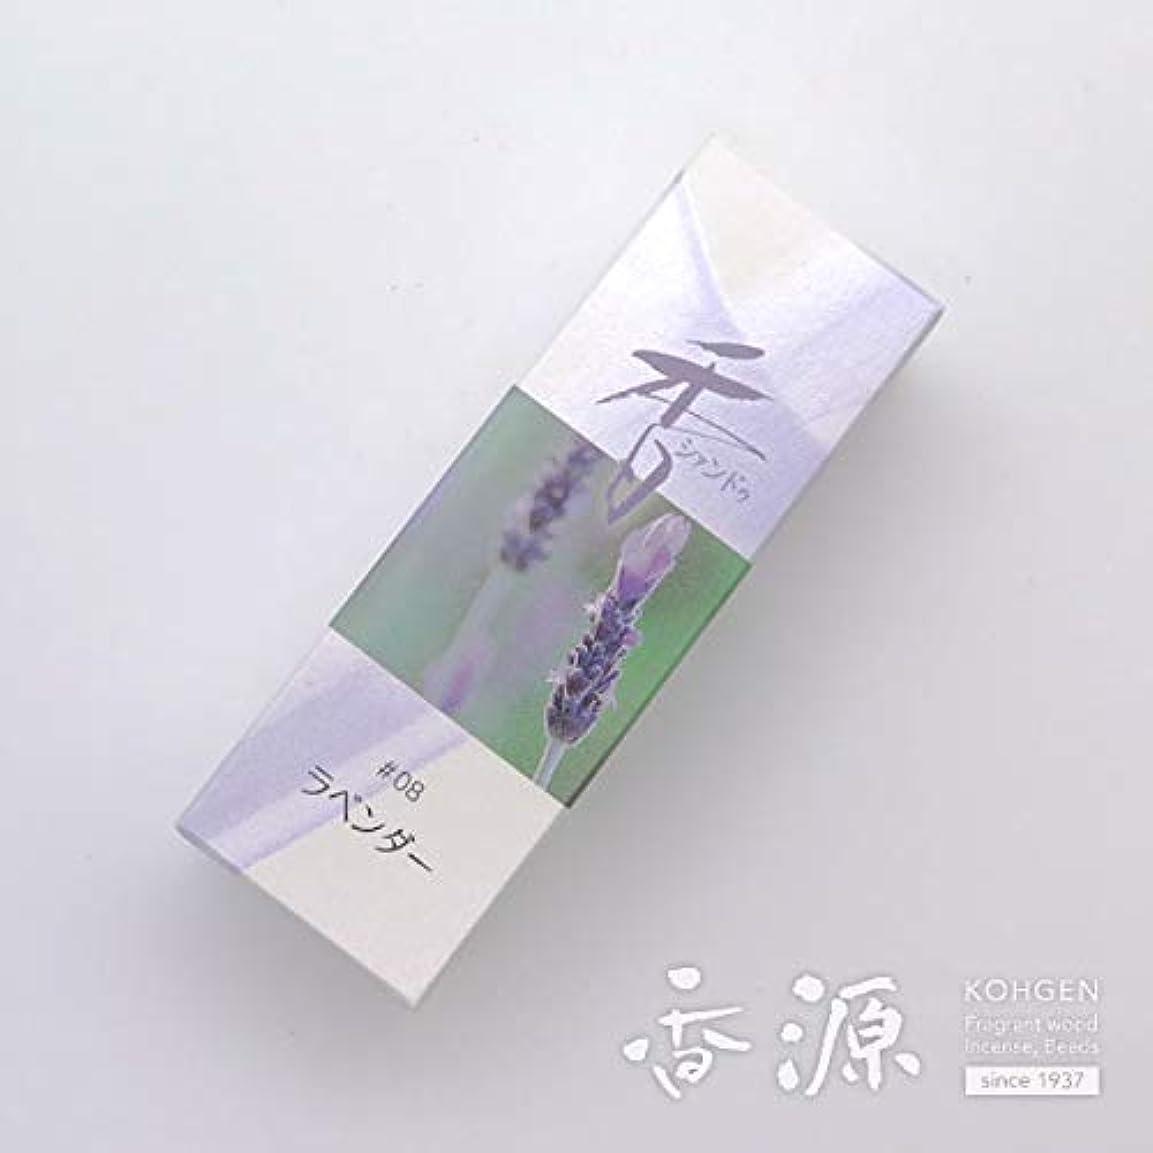 嫌がる徒歩で緩む松栄堂のお香 Xiang Do ラベンダー ST20本入 簡易香立付 #214208